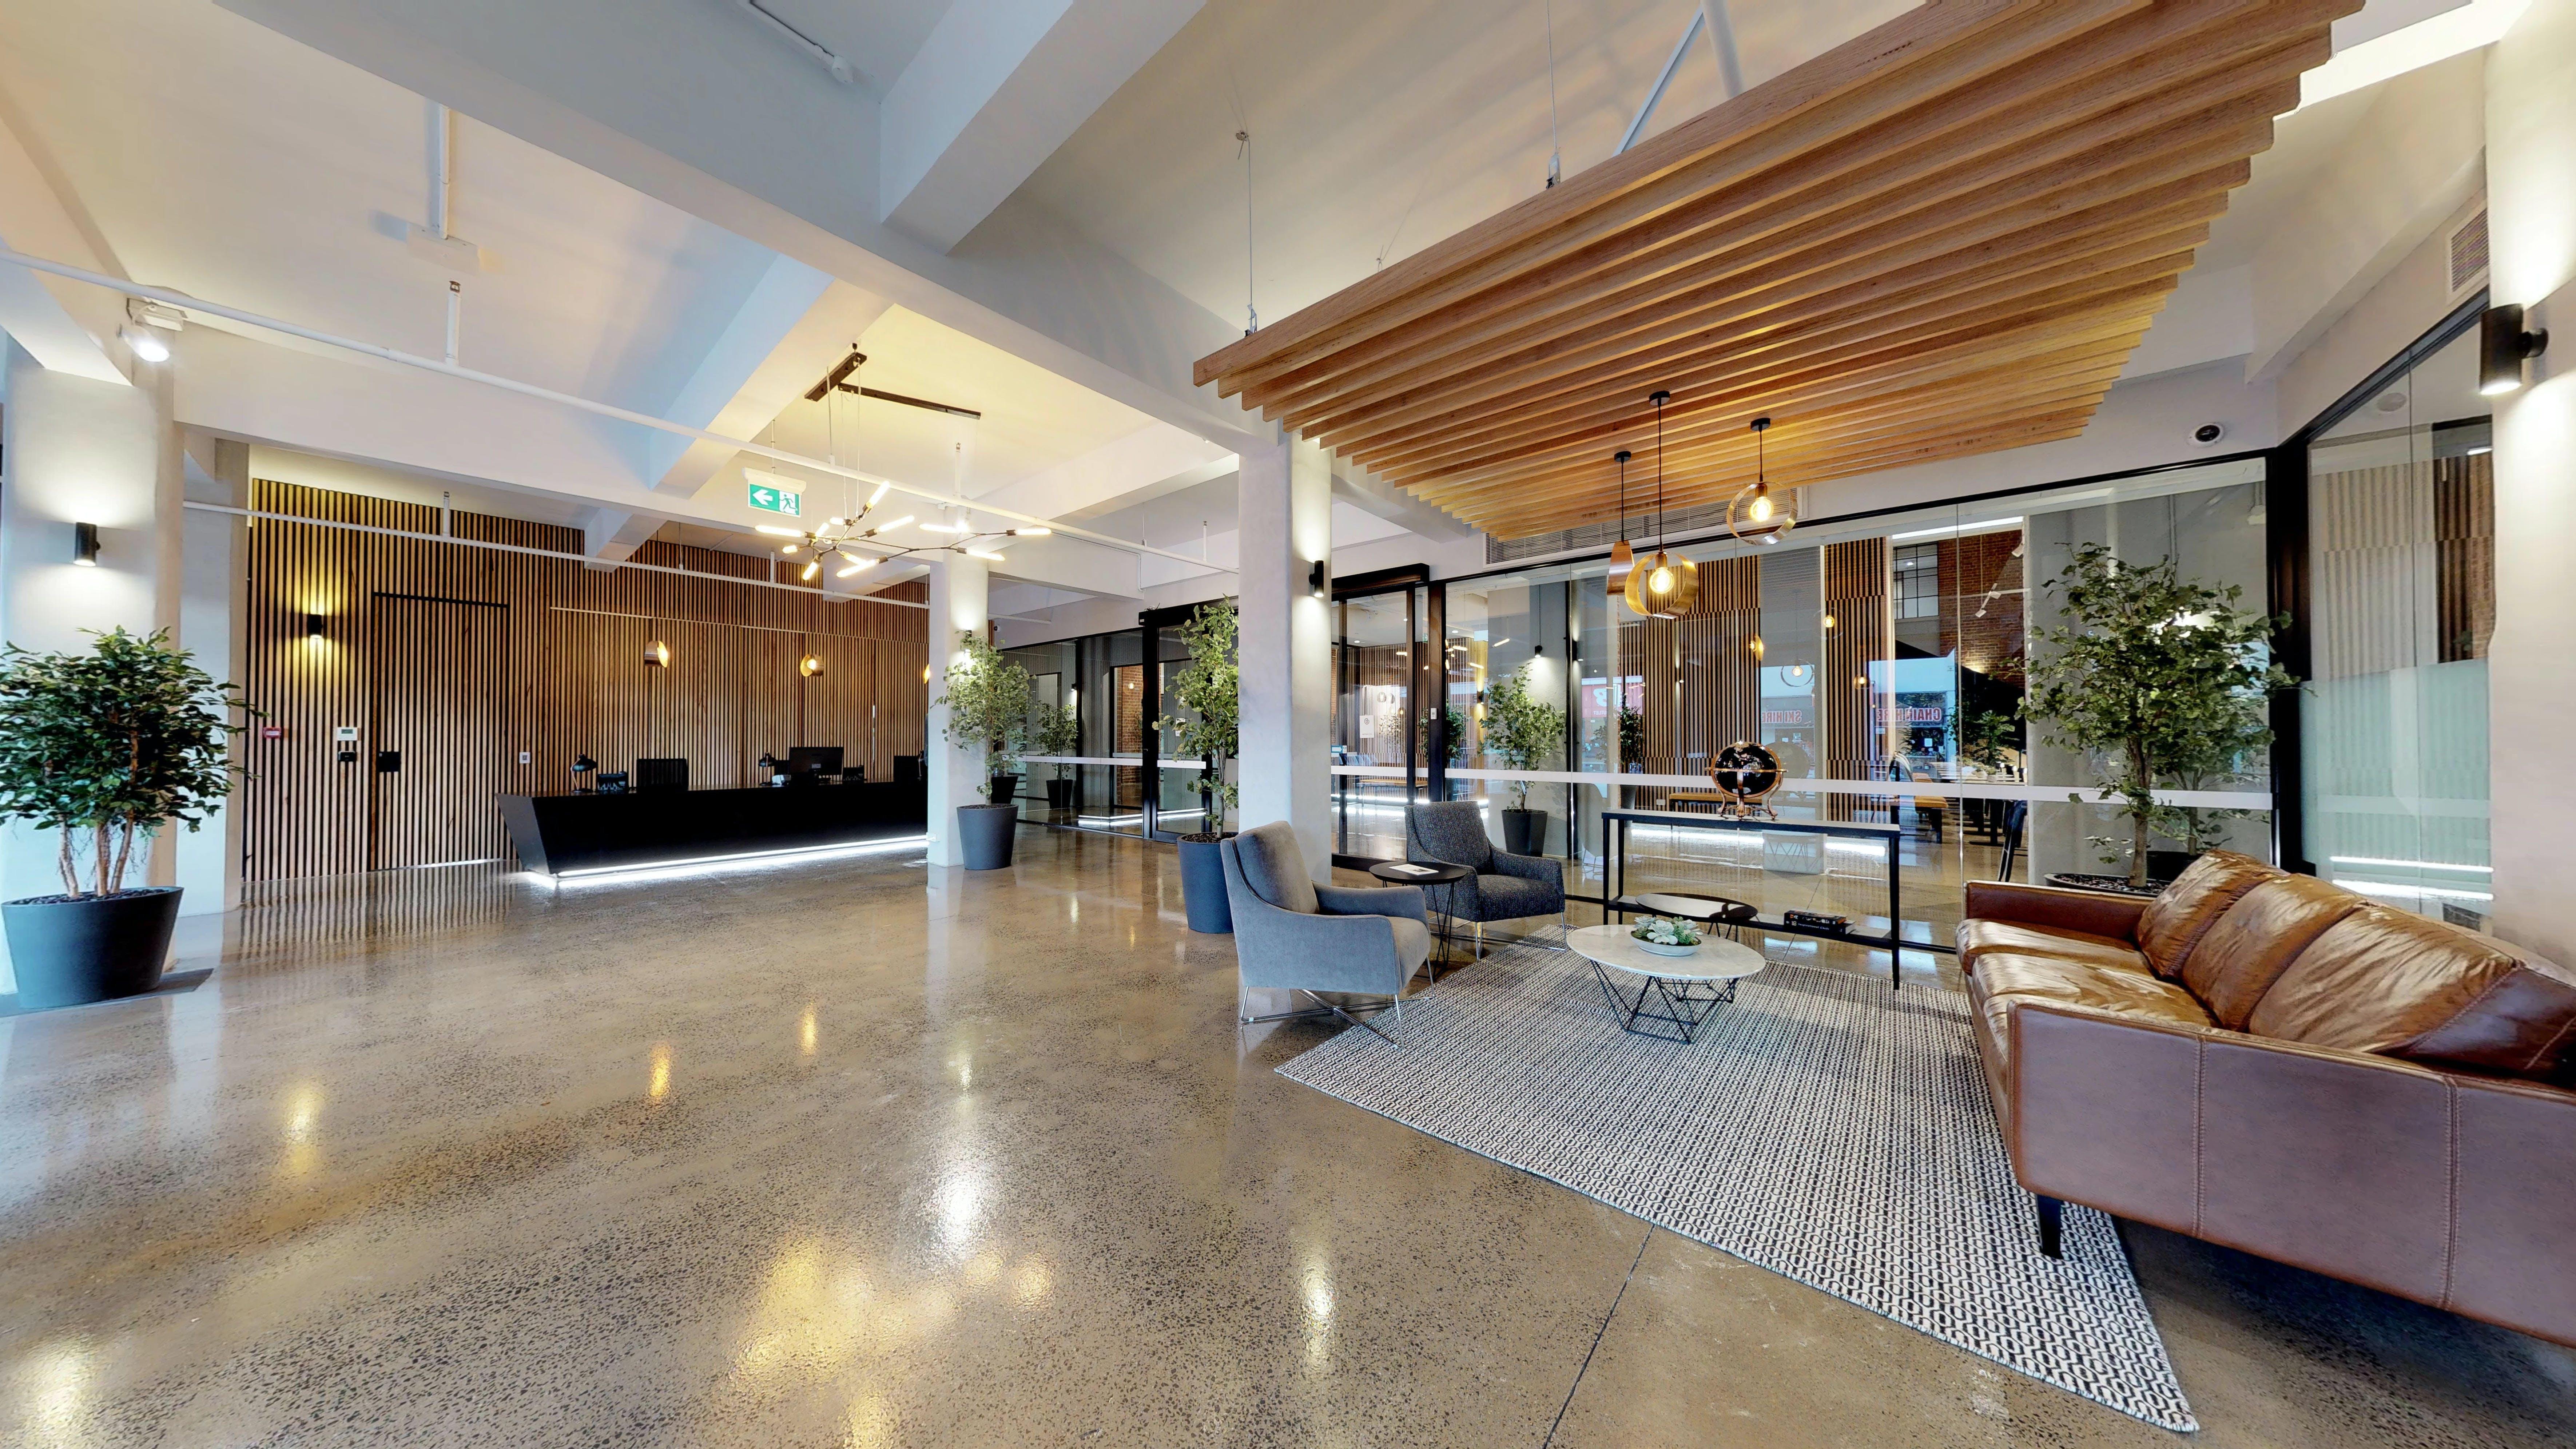 Hot Desking Plan, hot desk at United Co., image 2